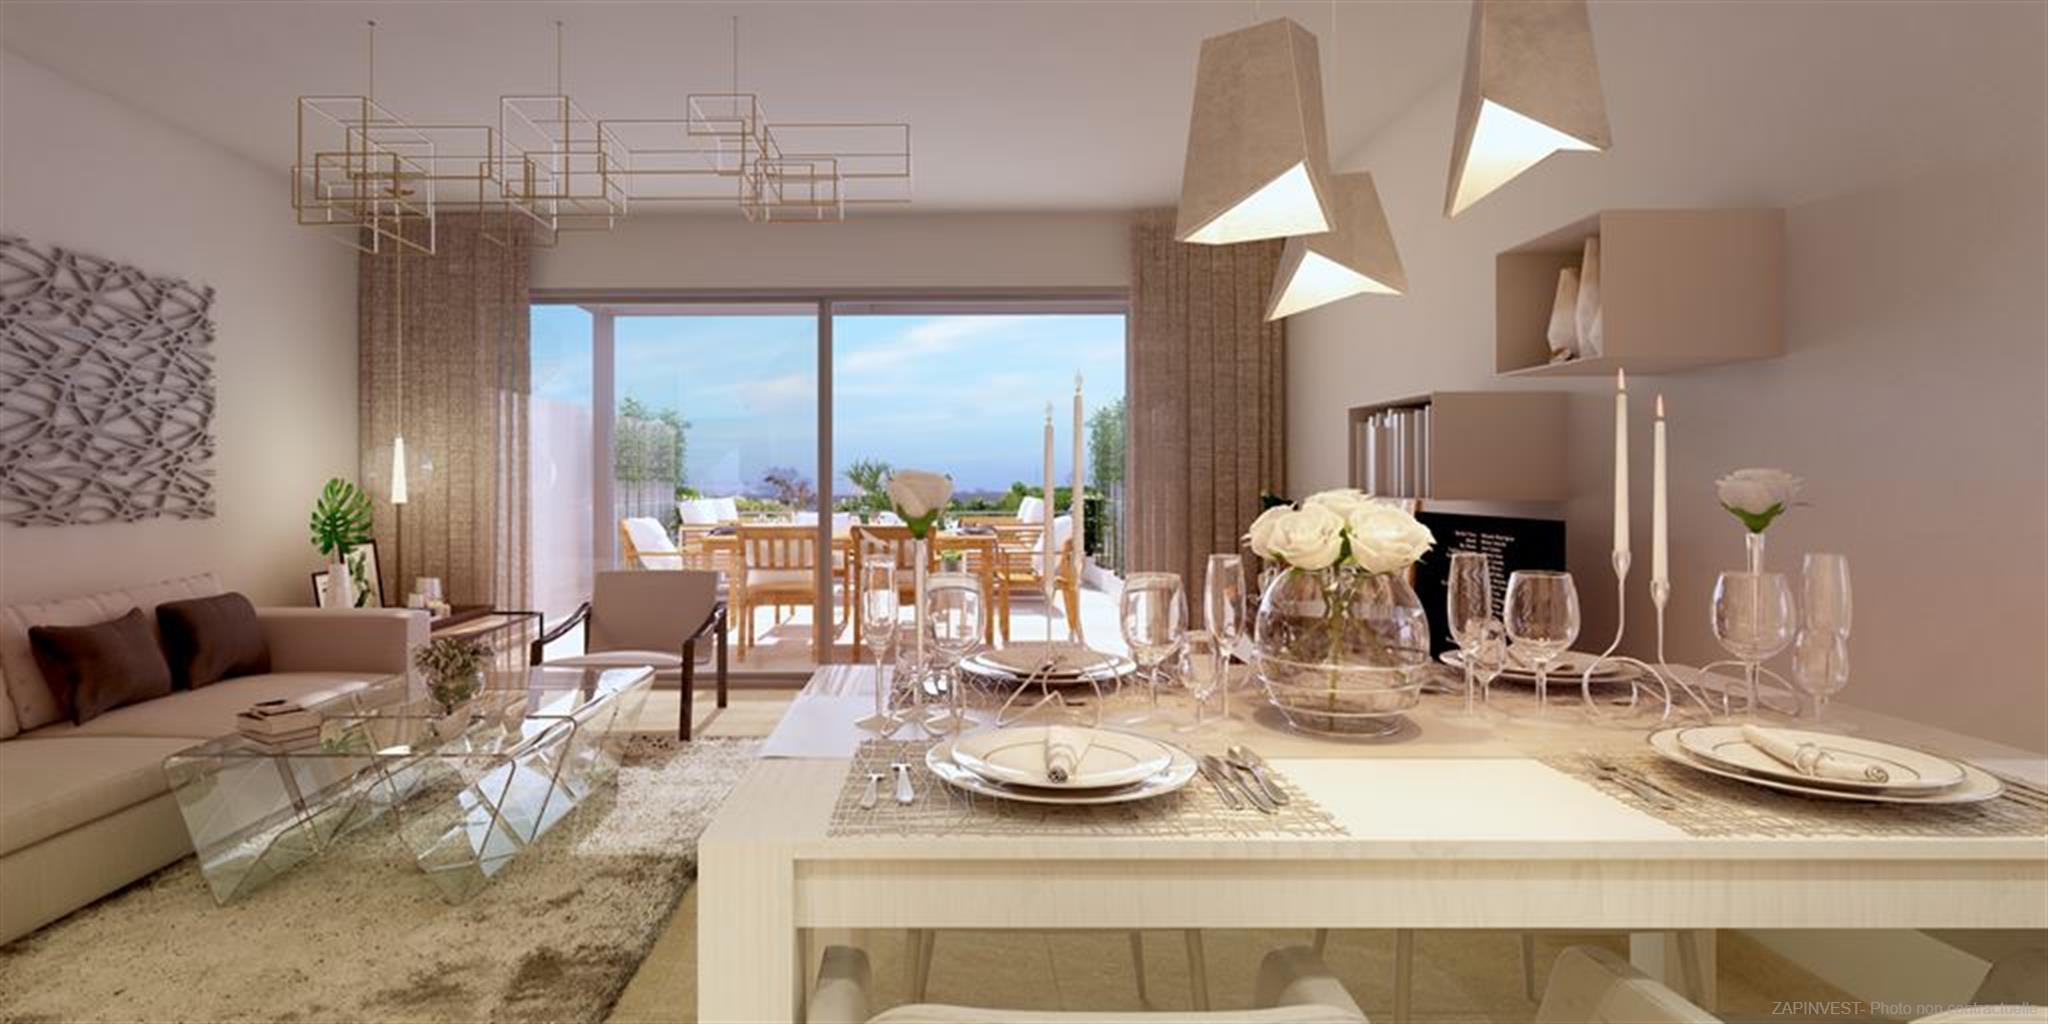 Nouvelle résidence 'boutique' en plein cœur d'un fameux terrain de Golf et avec vue panoramique à la mer.